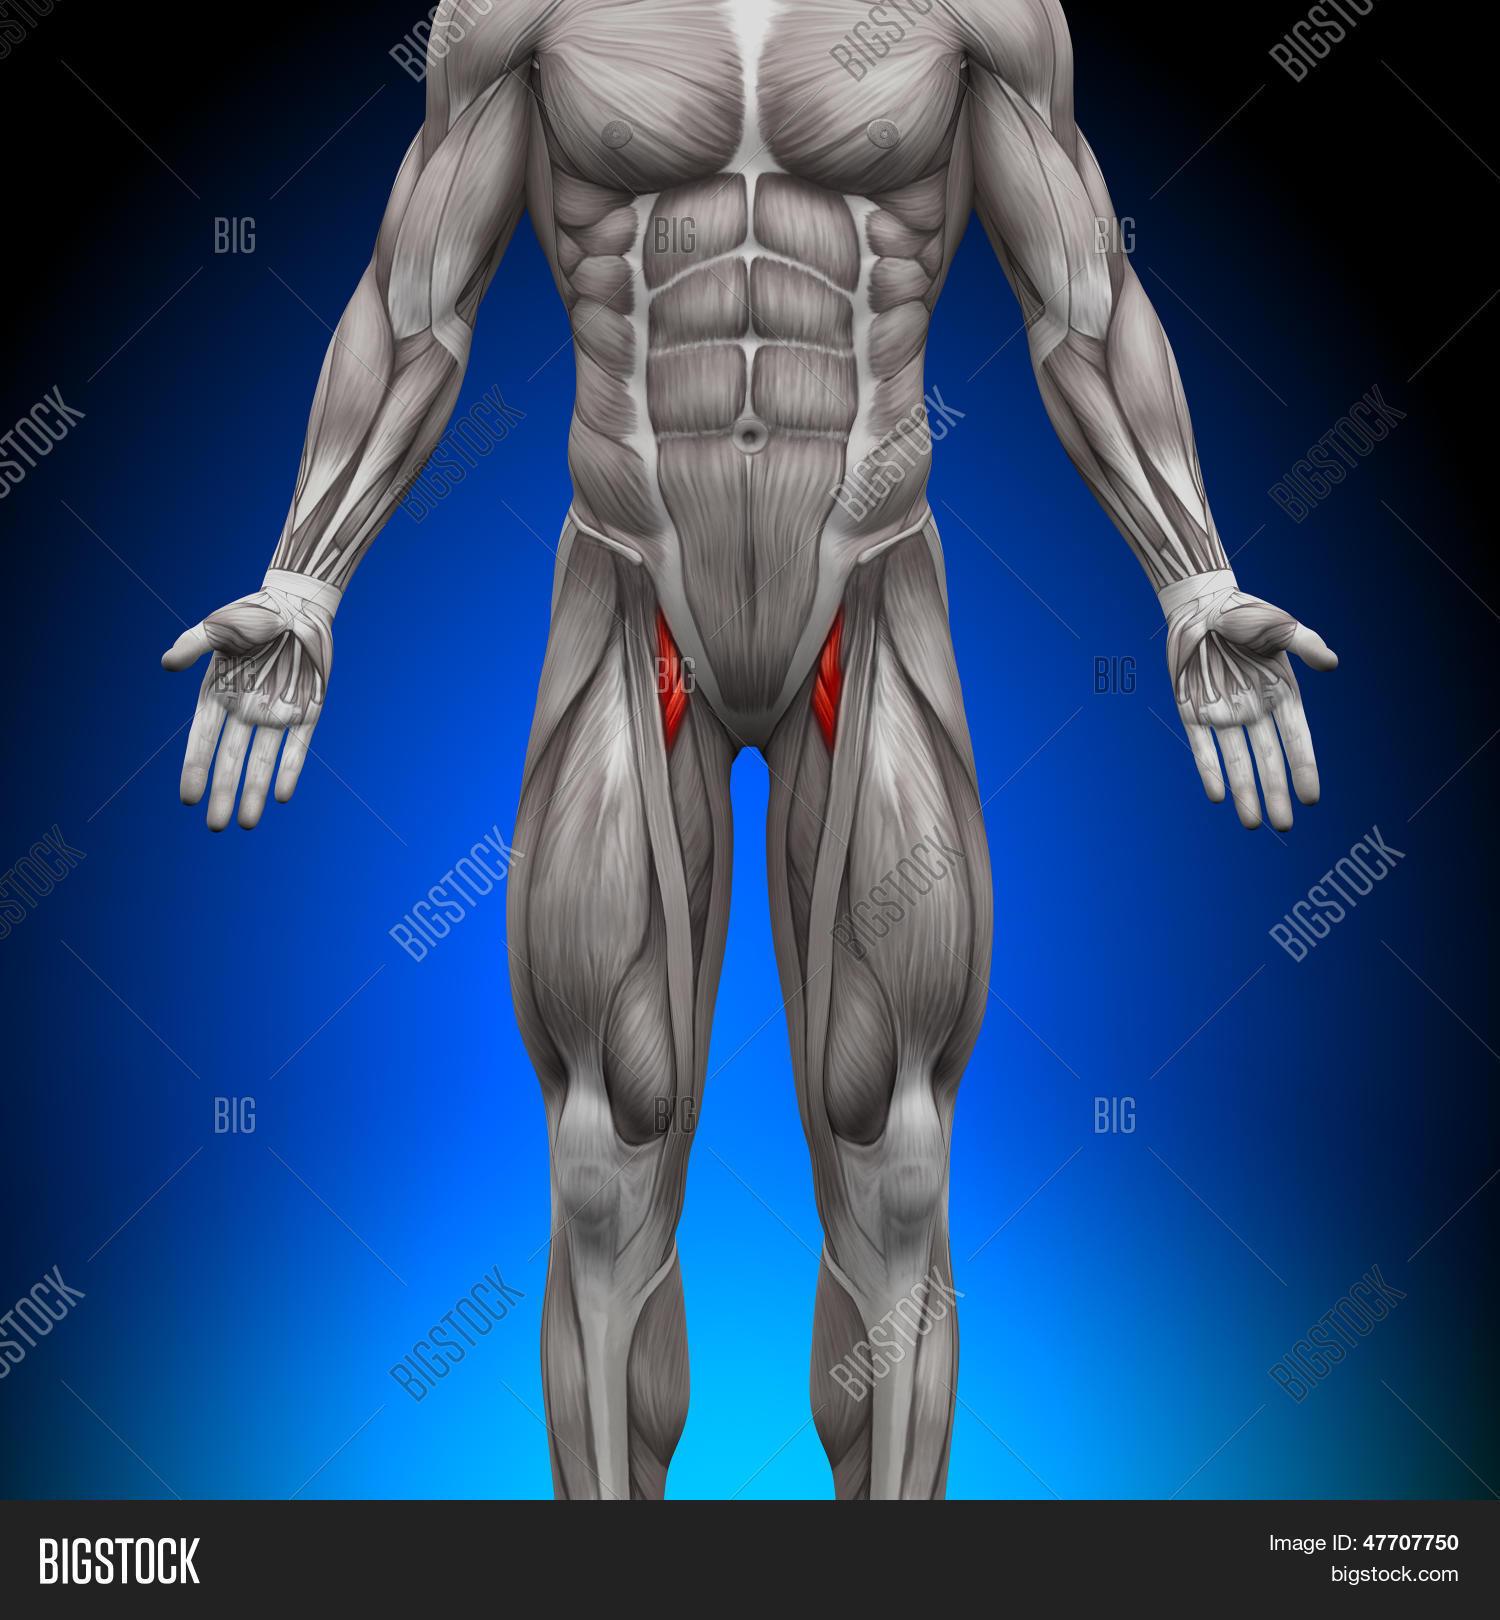 Bild und Foto: Oberschenkel - Anatomie Muskeln | Bigstock